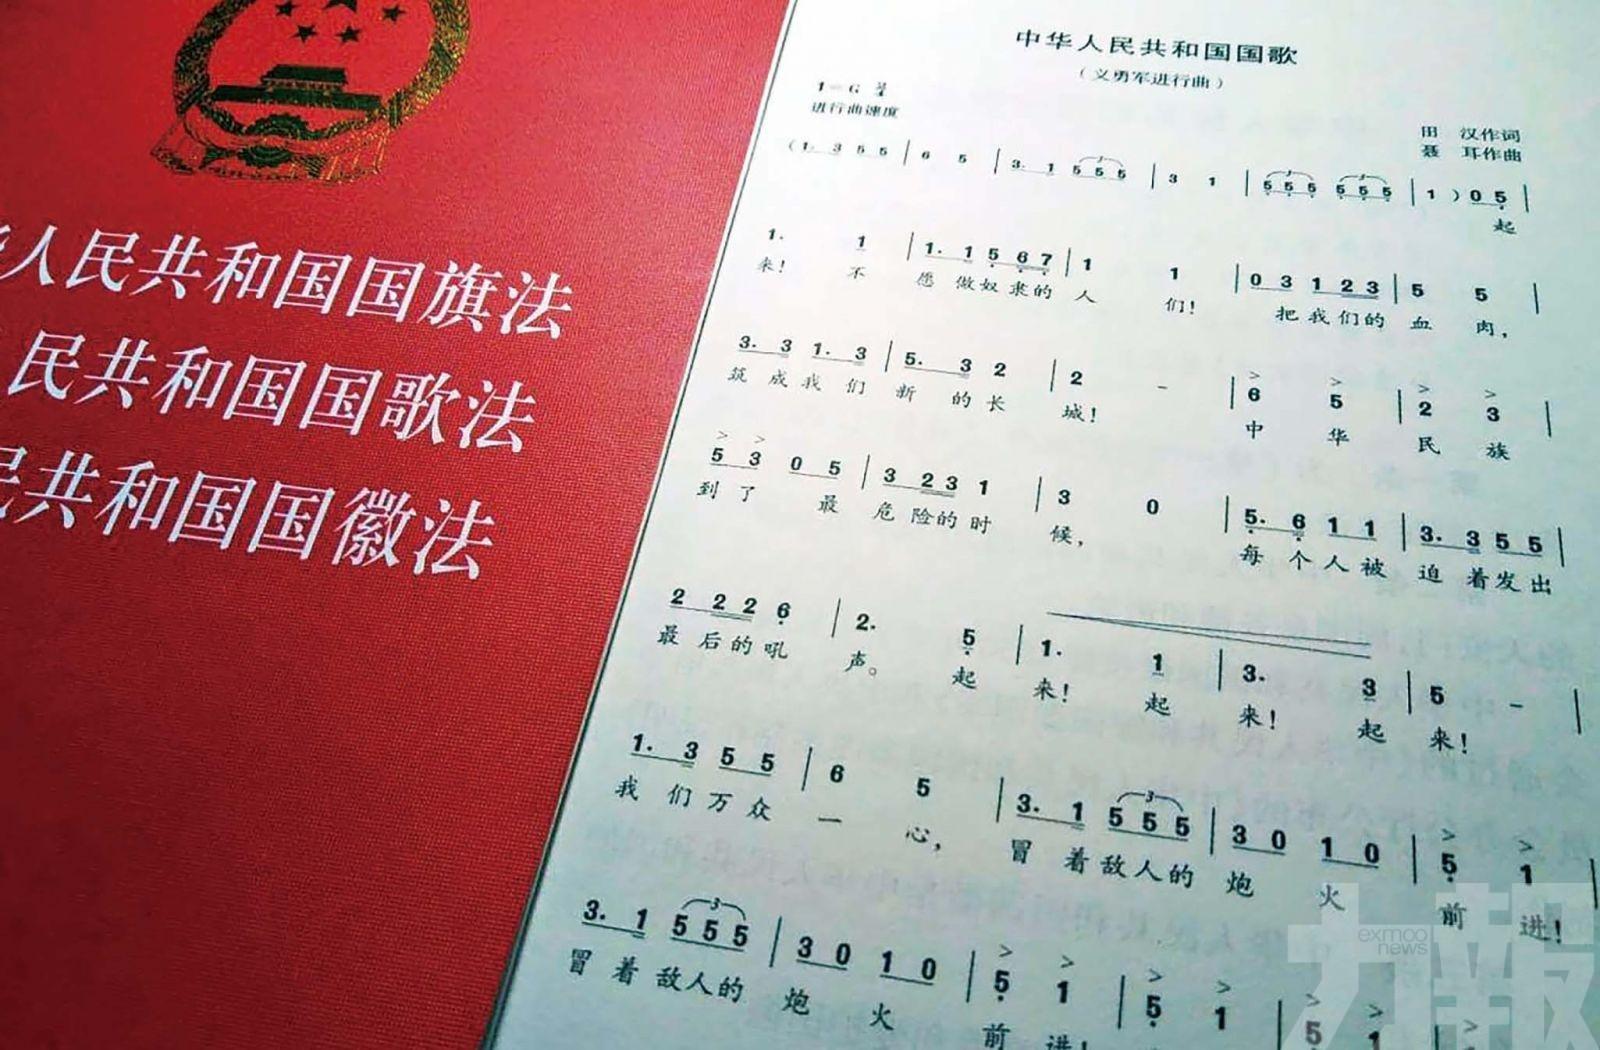 12日刊憲正式實施